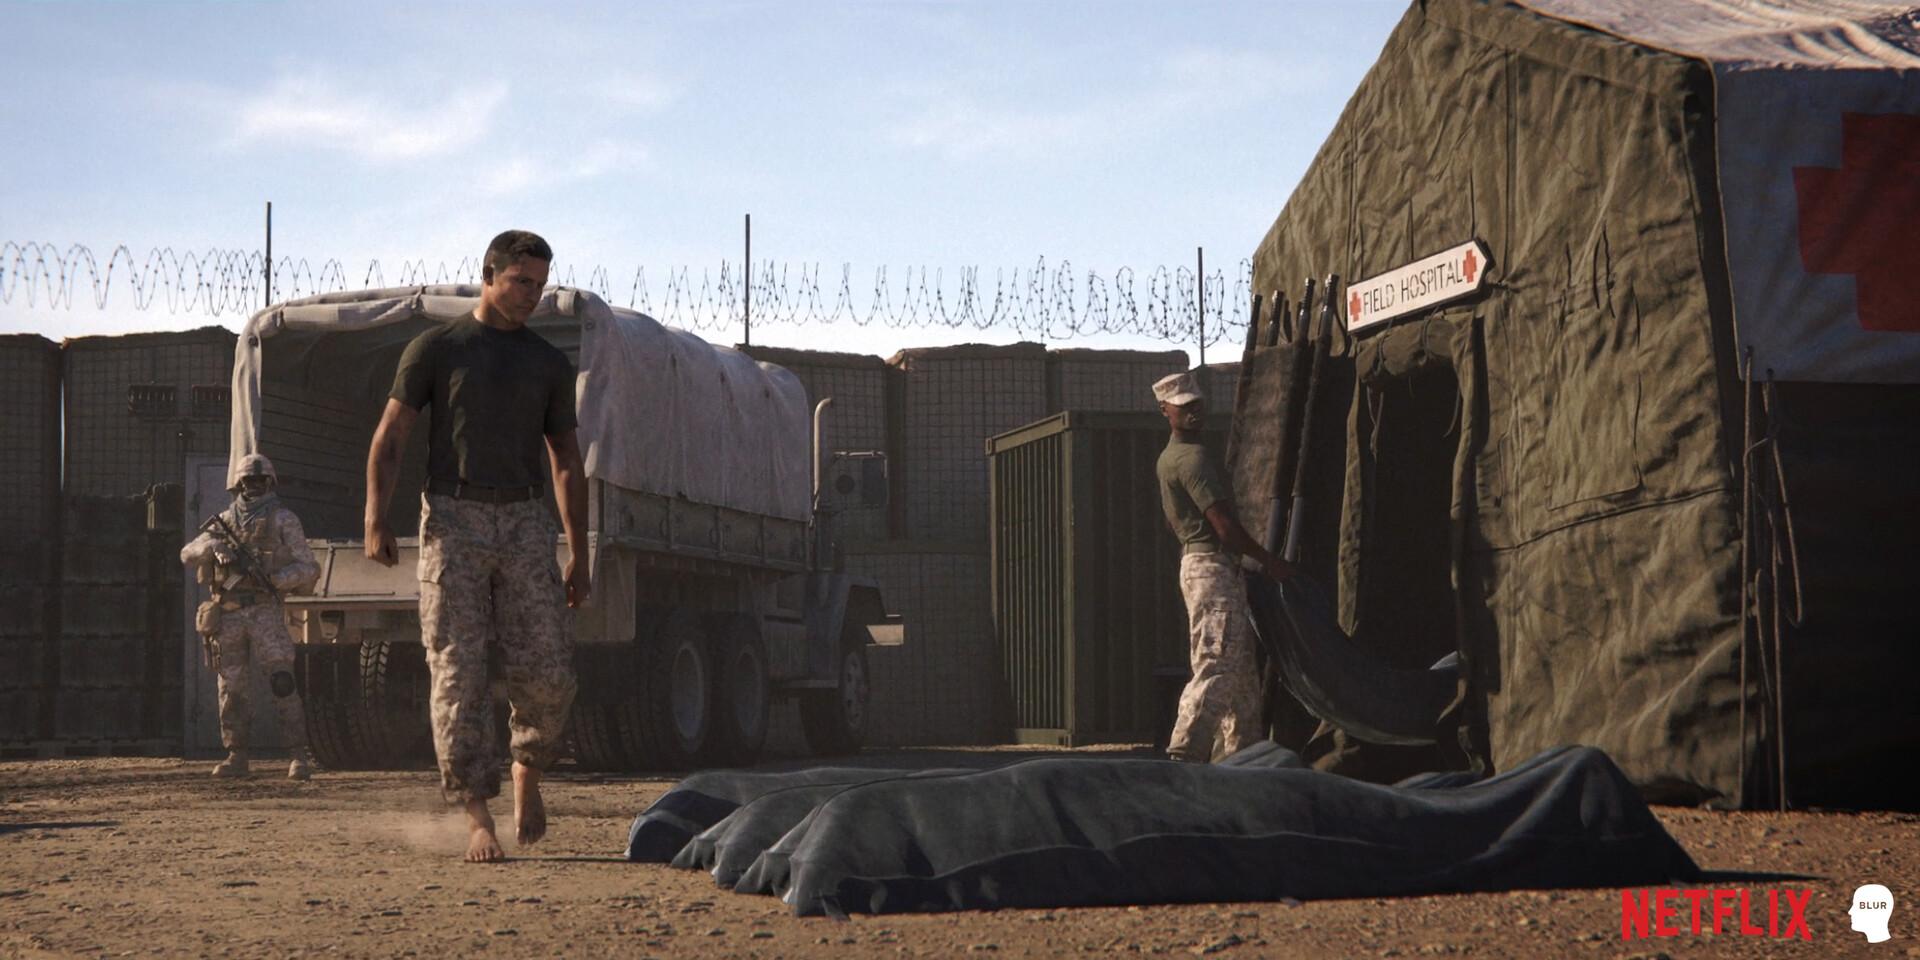 Andrew averkin militarybase 09